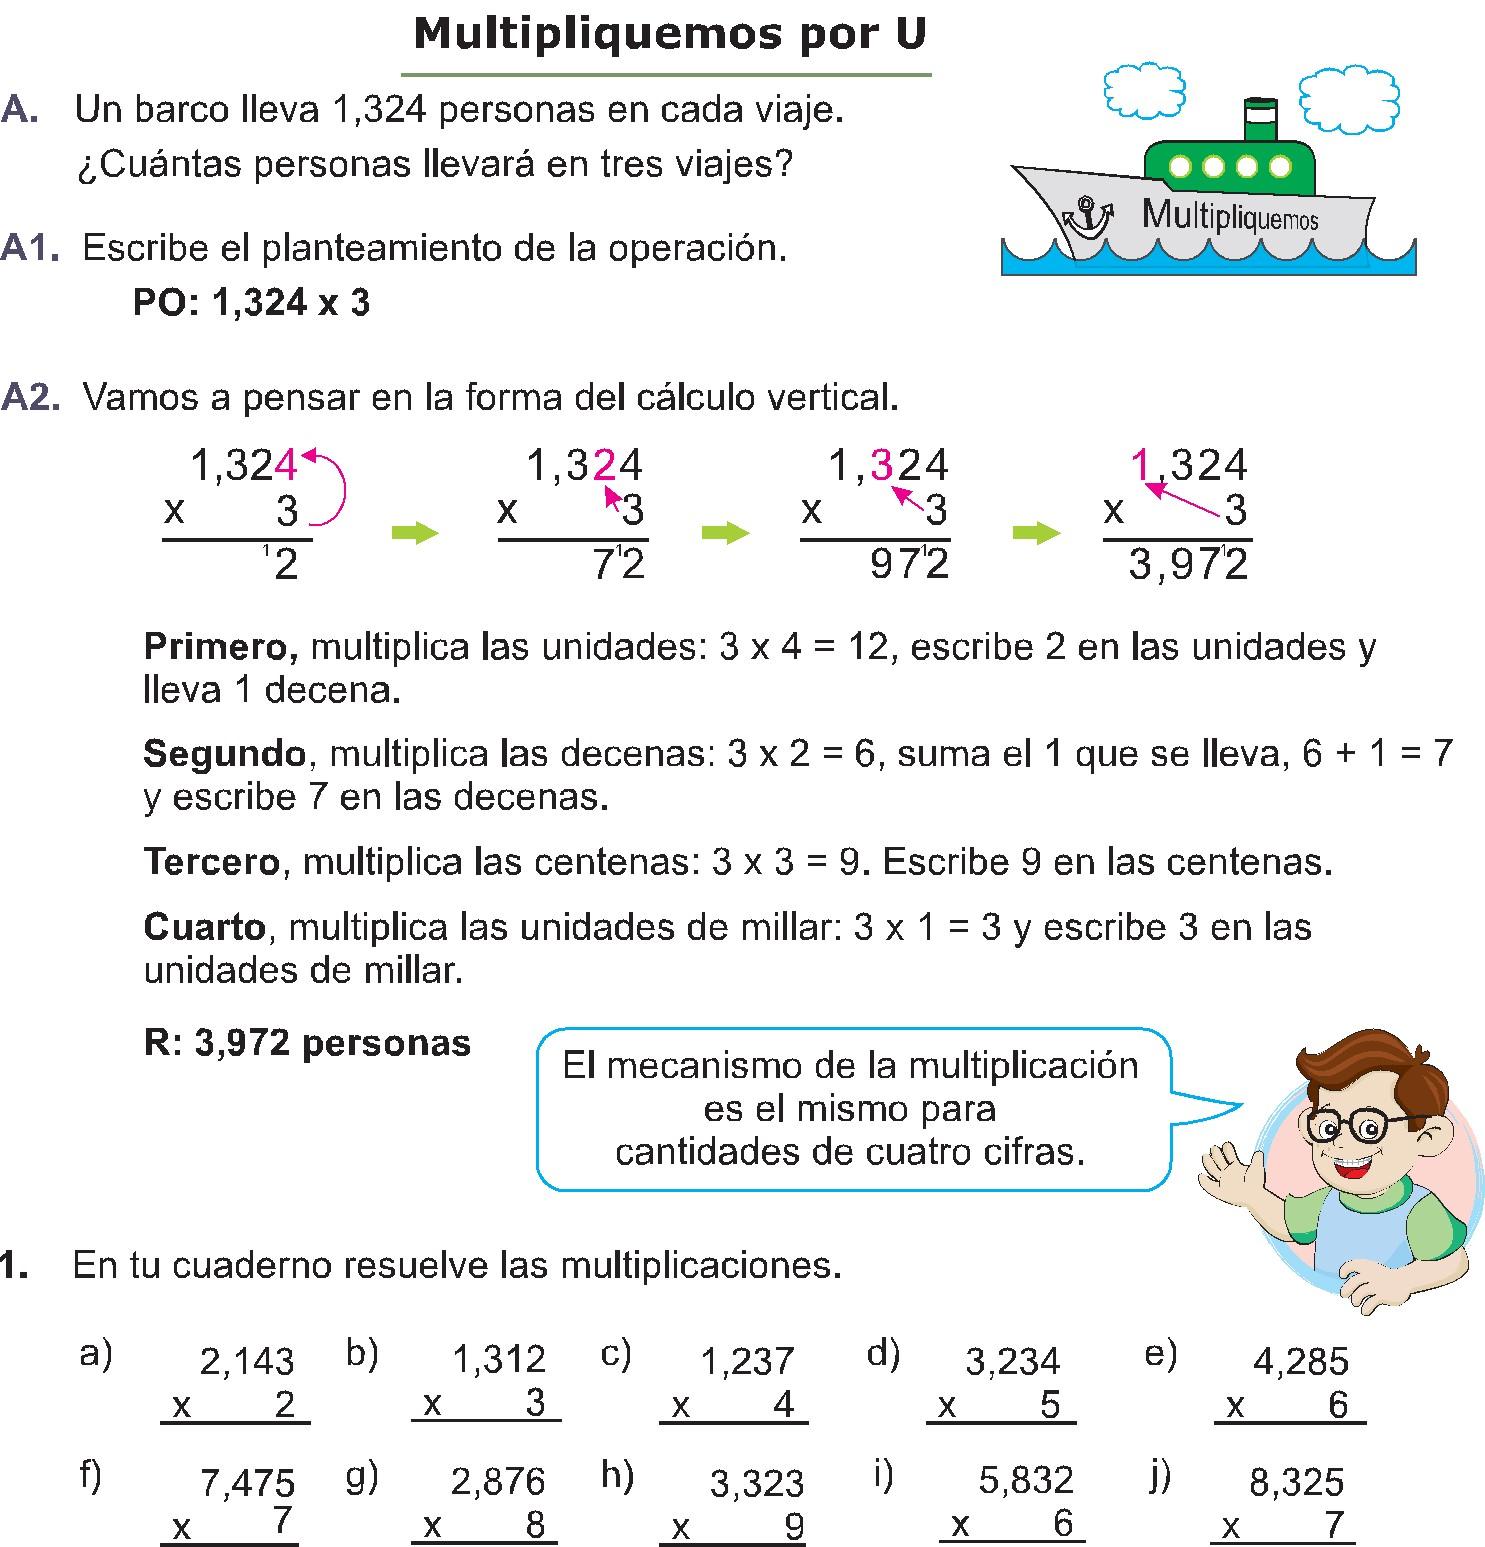 Multiplicaciones+por+unidades.jpg